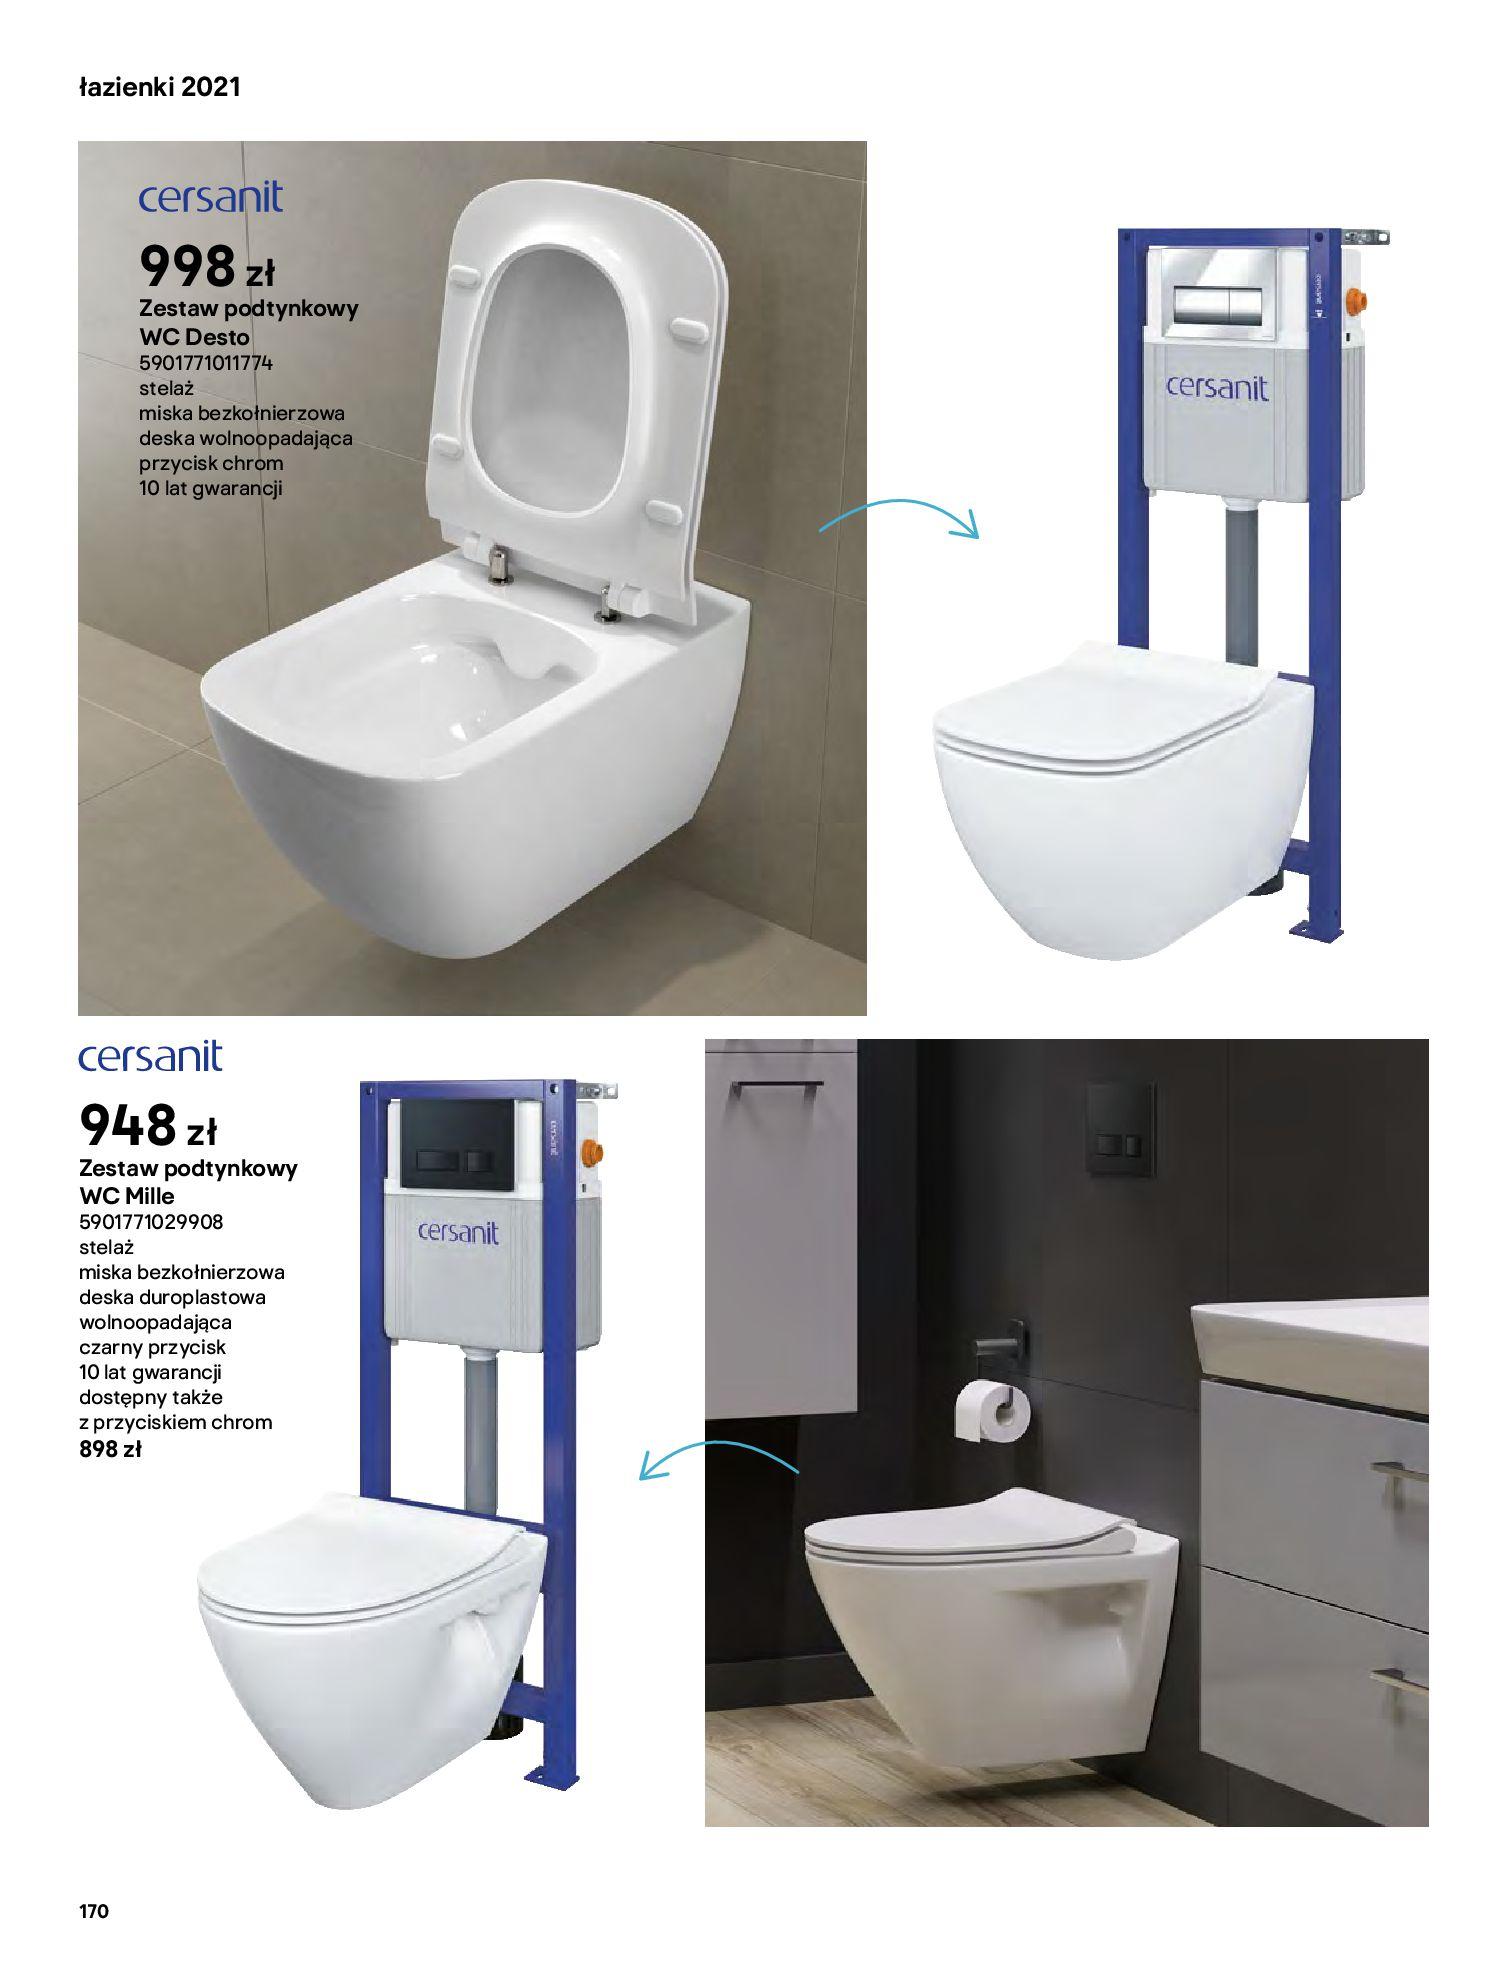 Gazetka Castorama: Gazetka Castorama - katalog łazienki 2021 2021-06-16 page-170